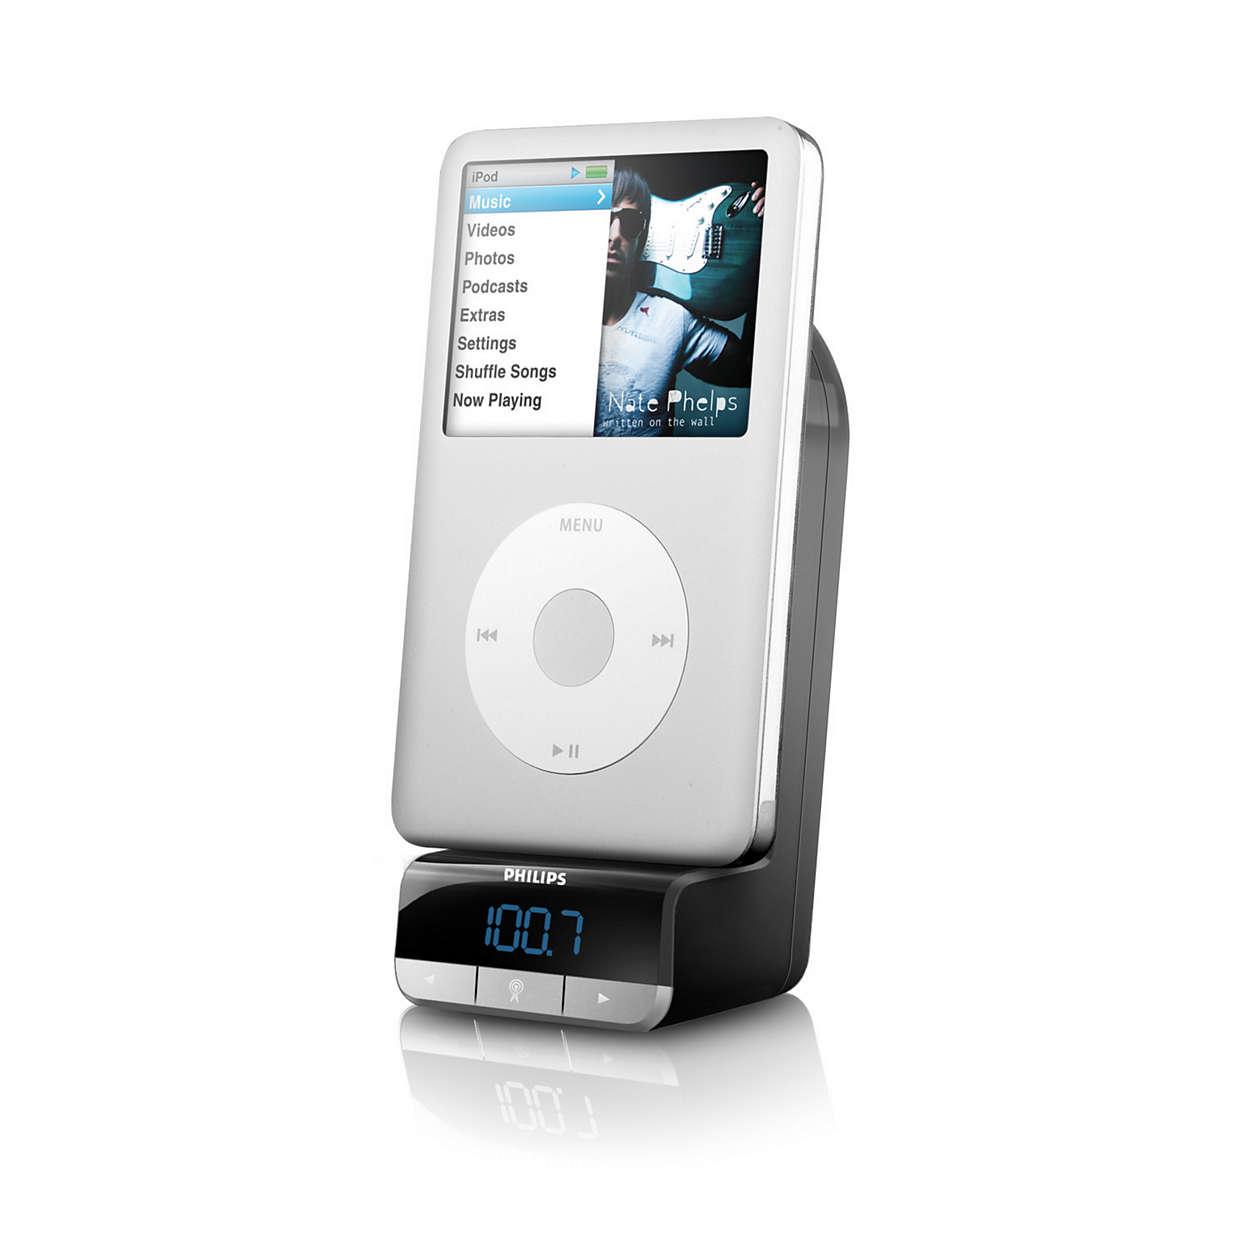 iPod lejátszásra és töltésre is alkalmas autós tartóegység